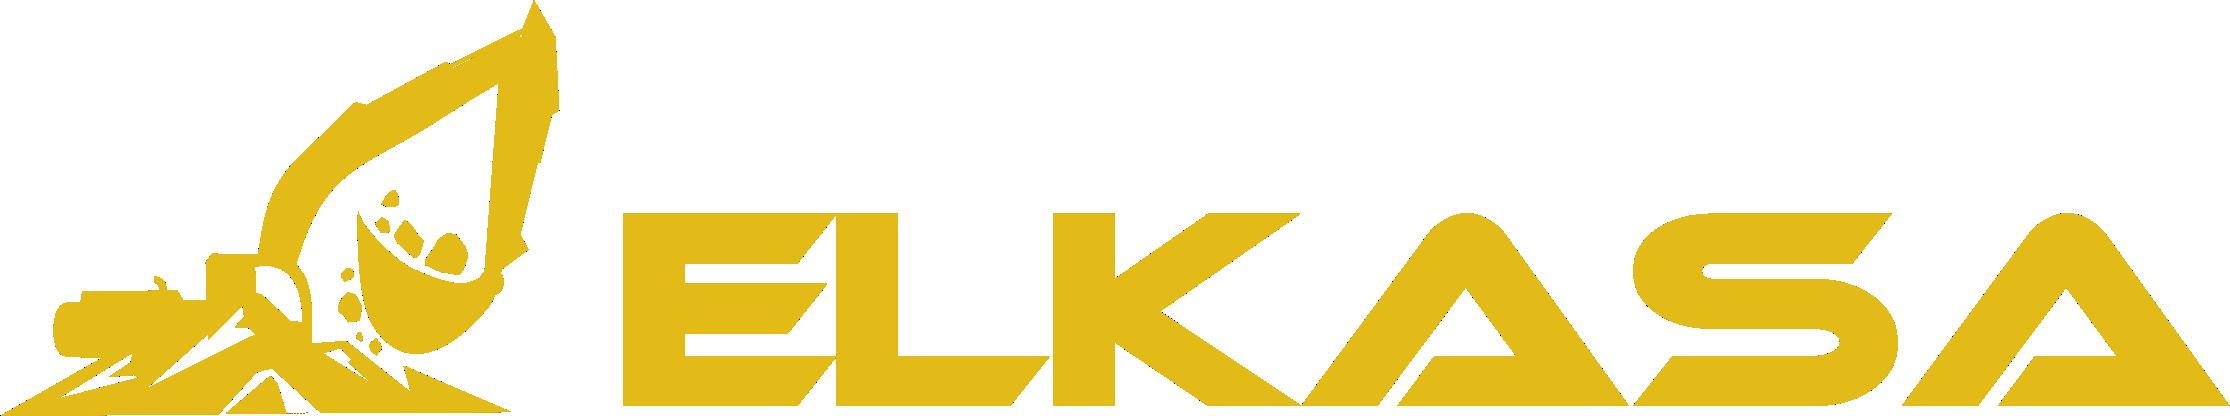 Elkasa - Statybinės technikos nuoma ir darbai